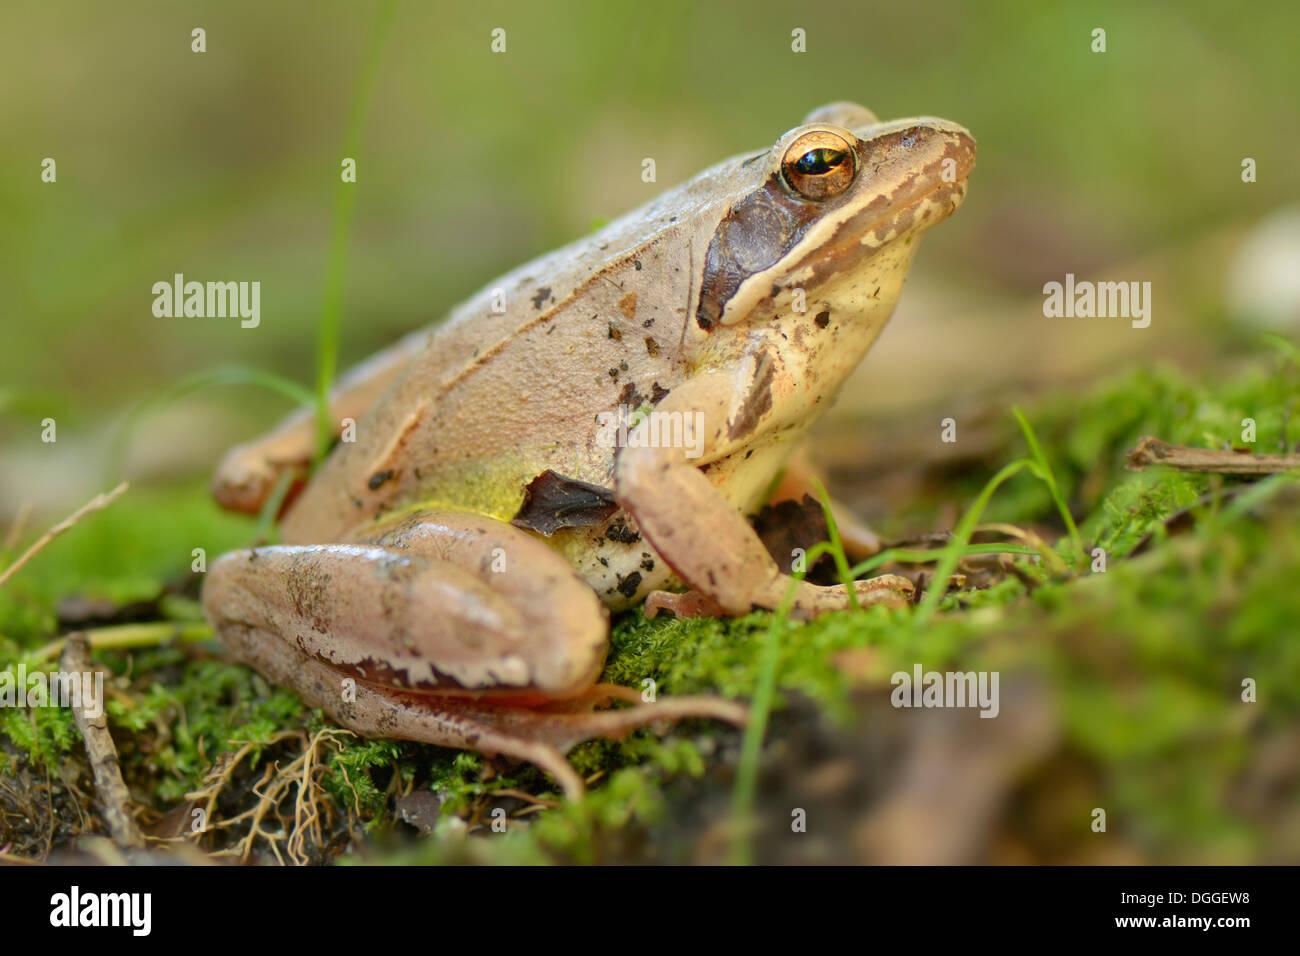 agile frog rana dalmatina magadino kanton tessin switzerland